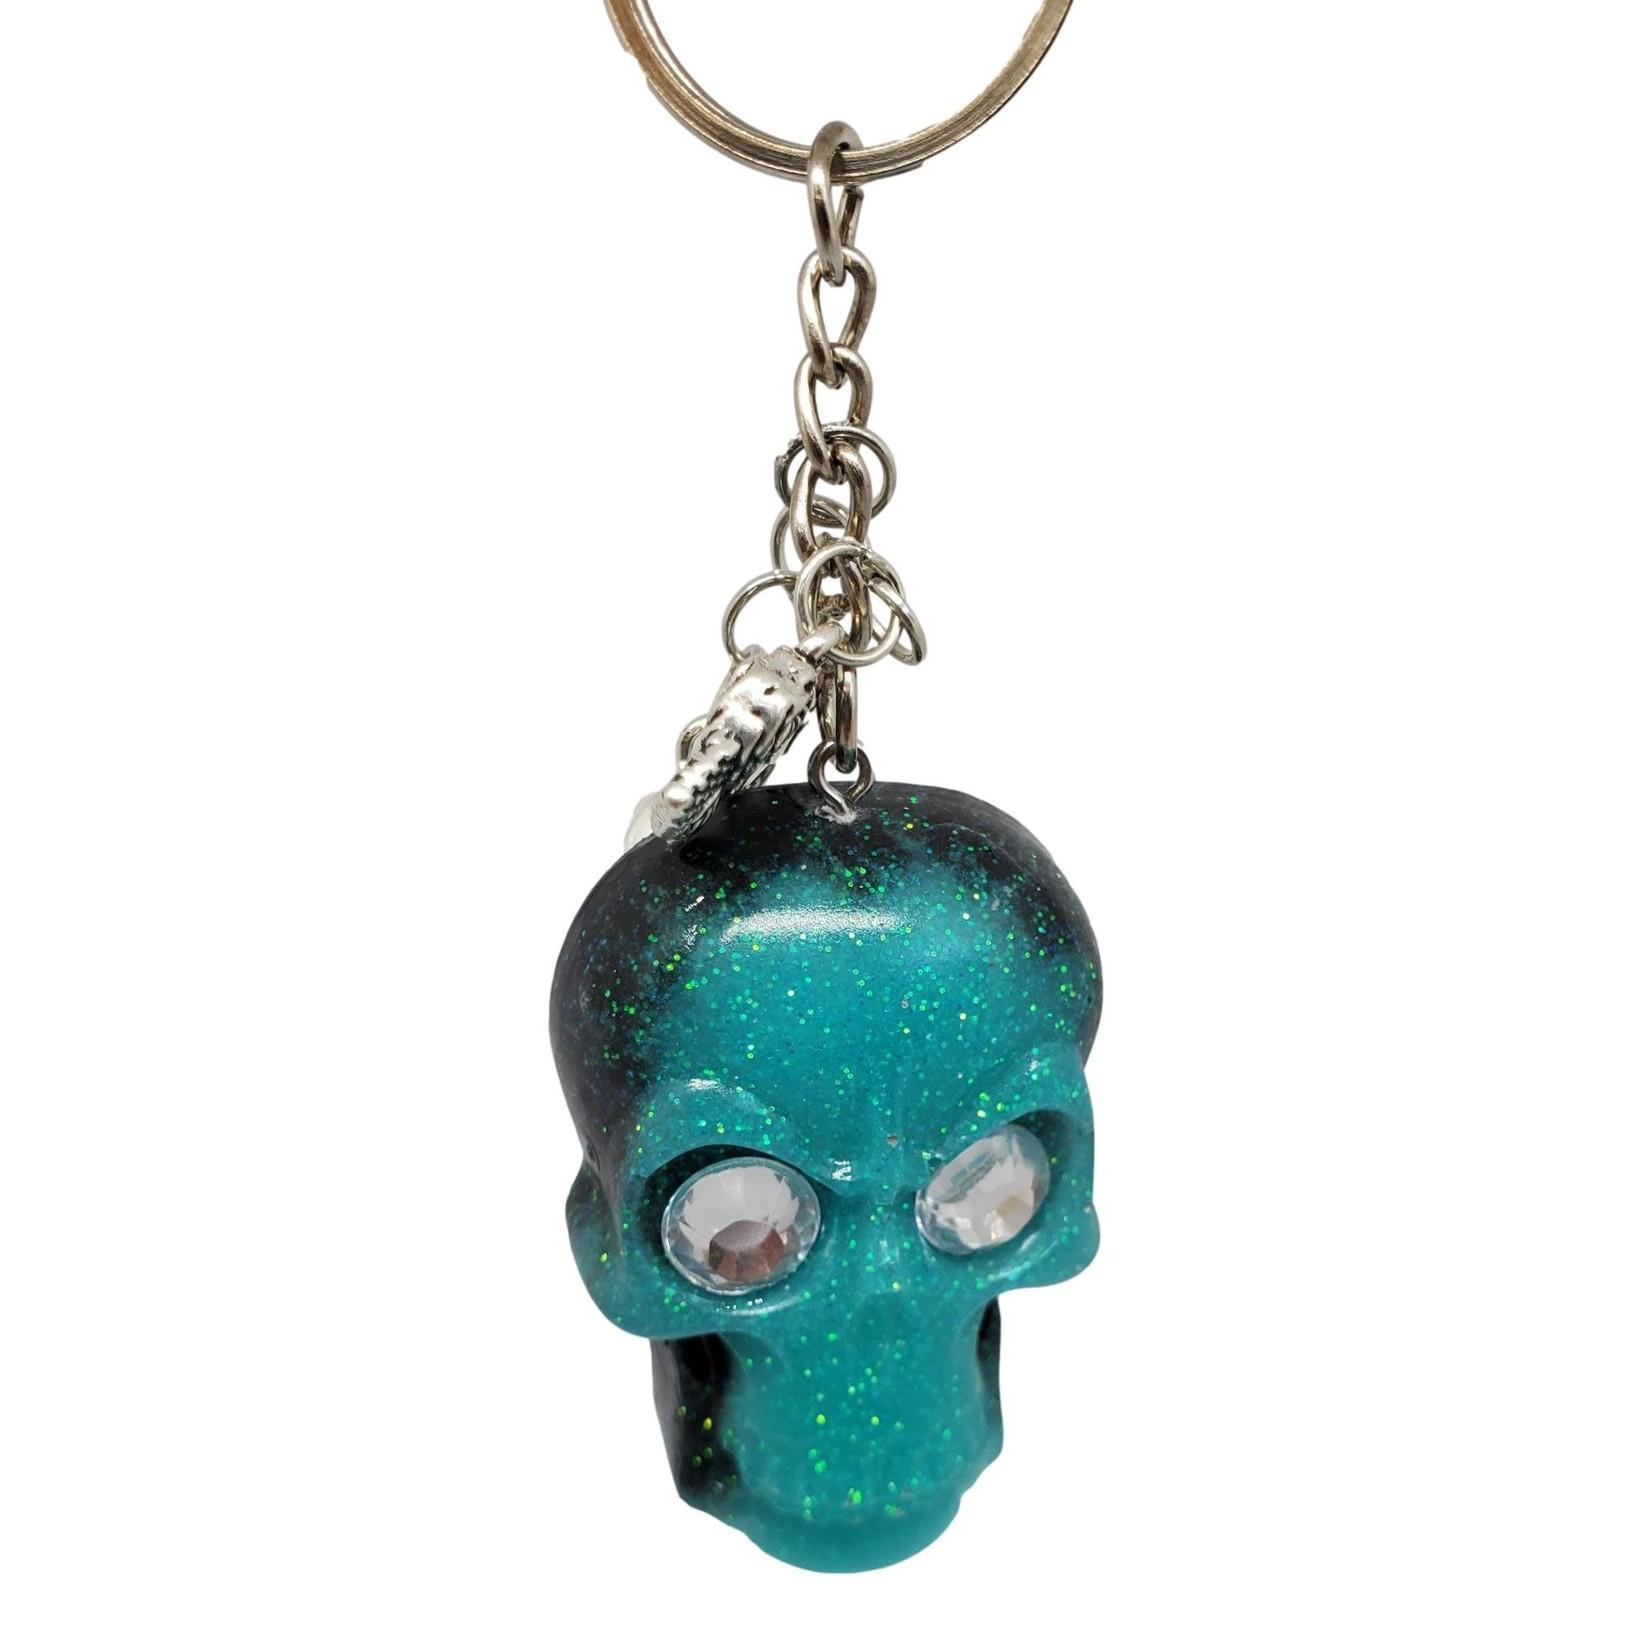 East Coast Sirens Black & Teal Skull Keychain